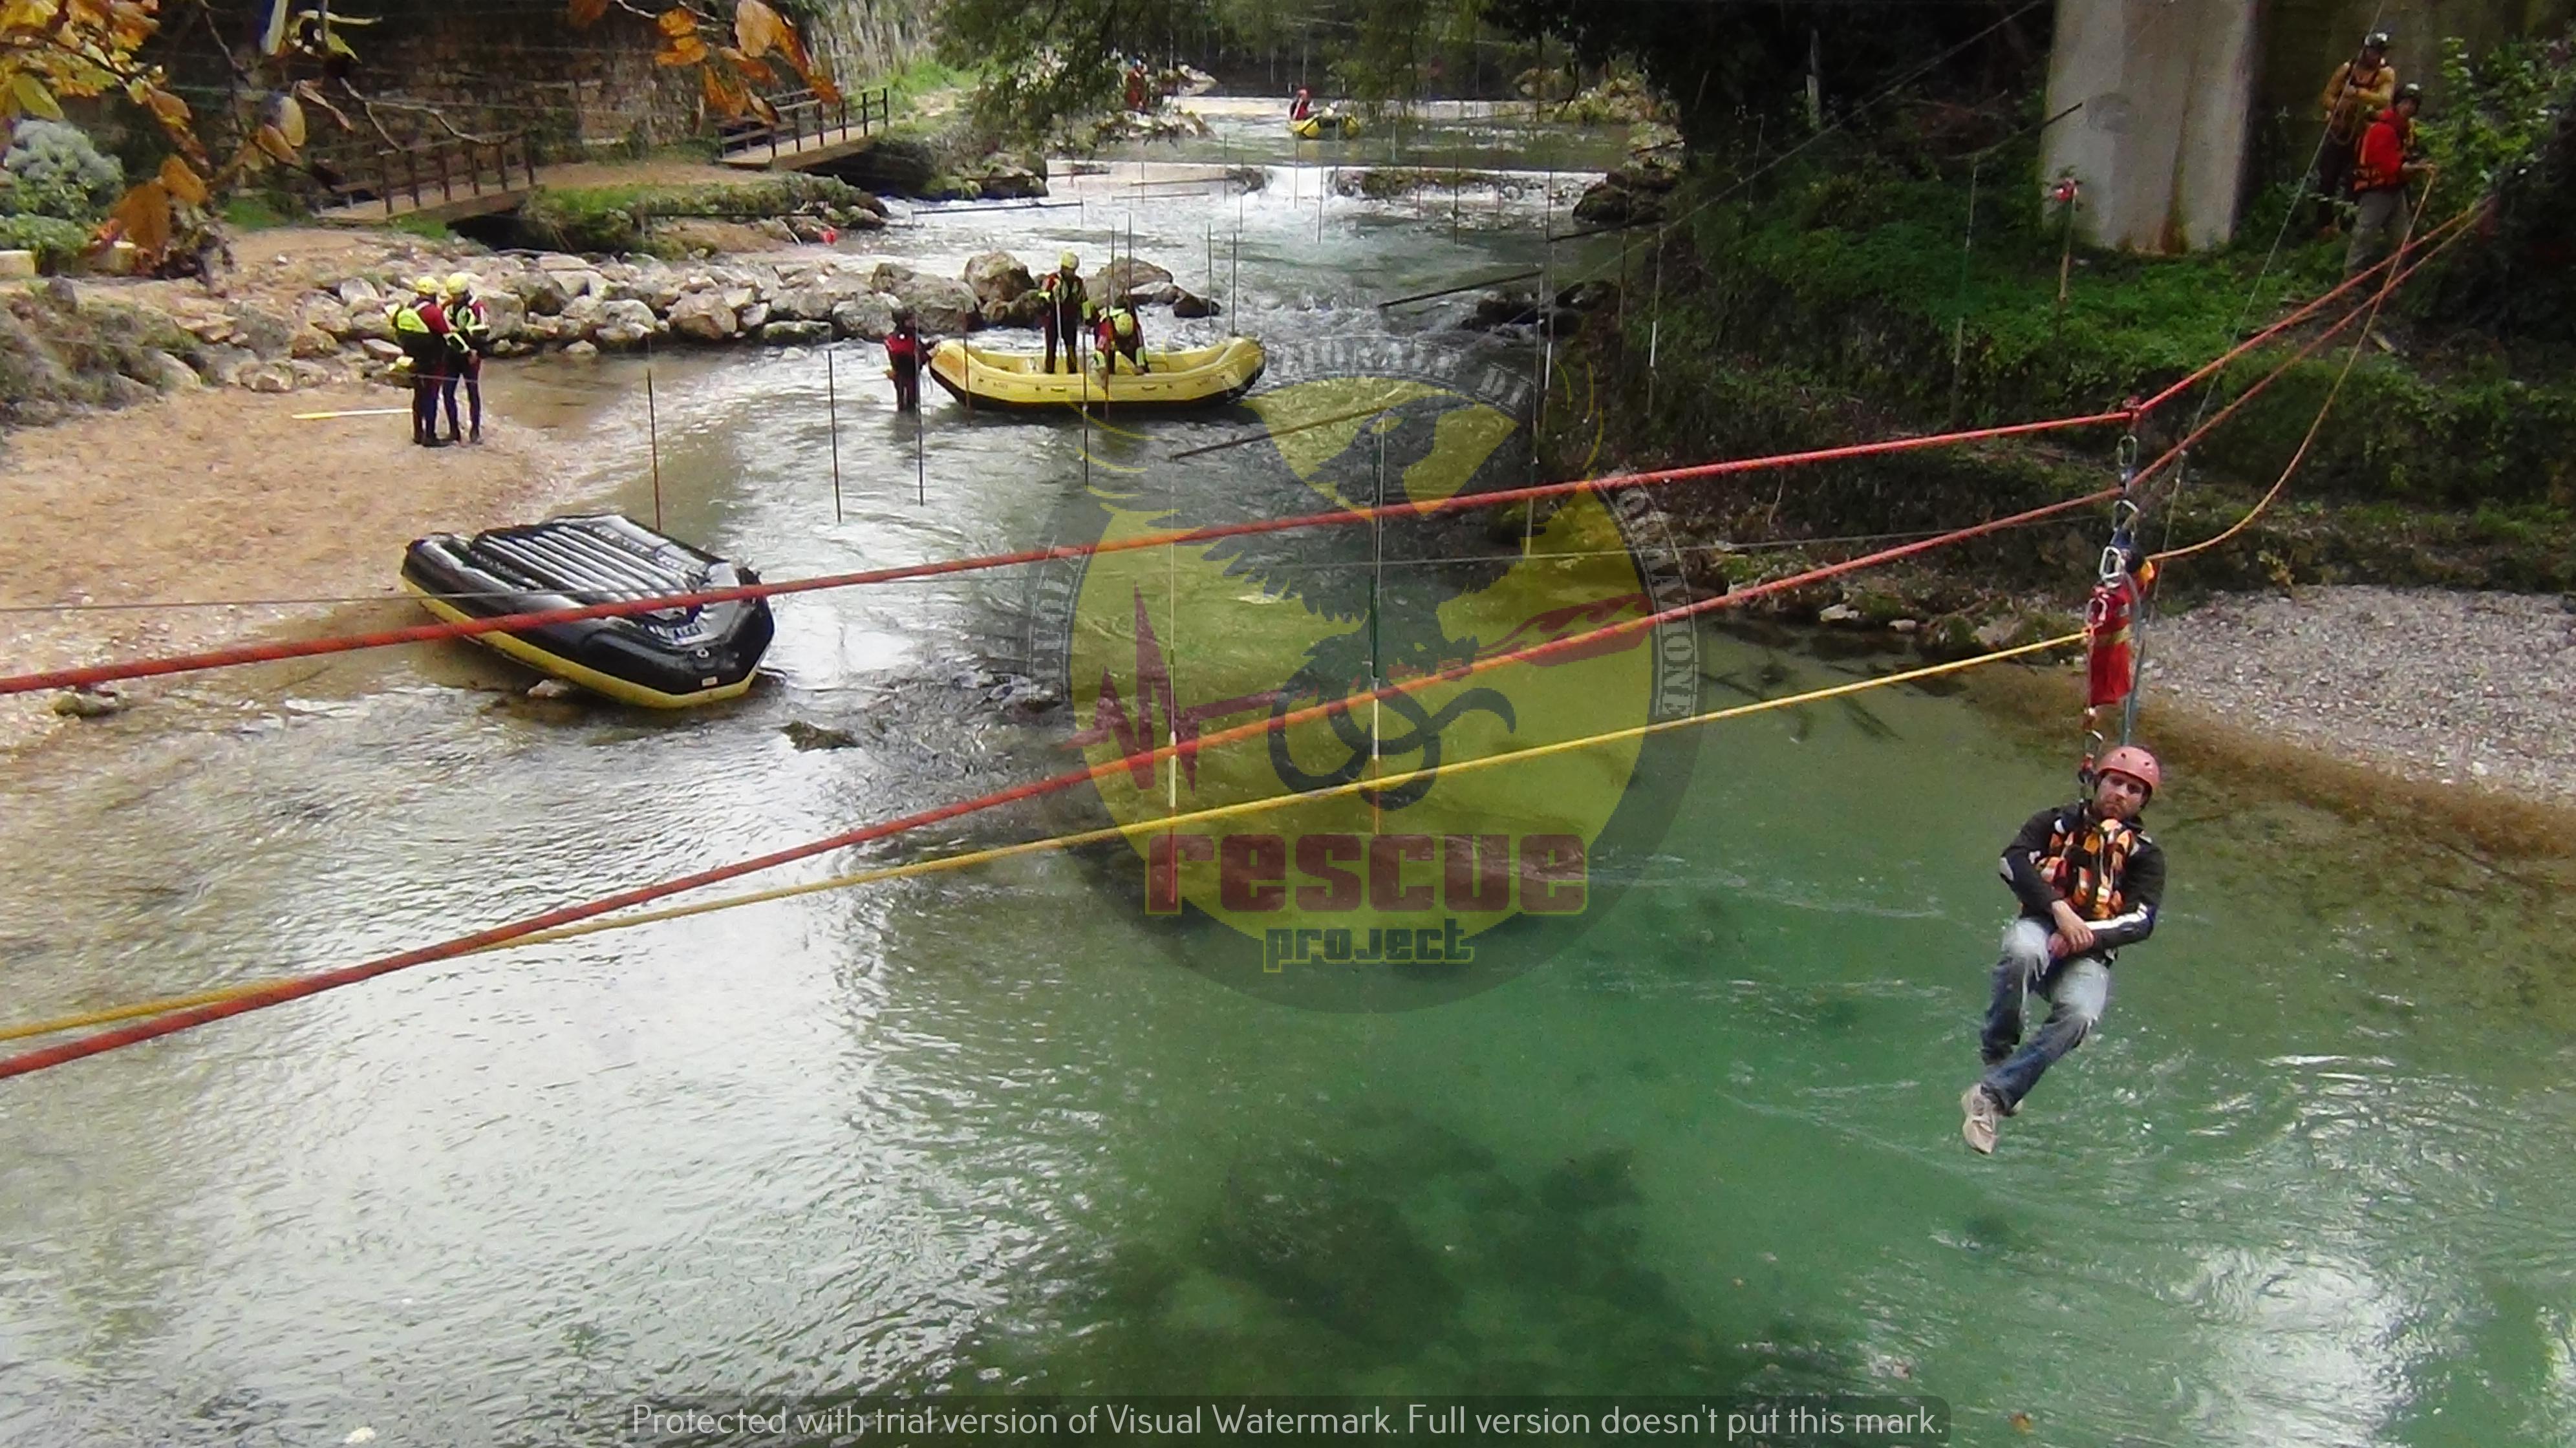 Corso Guida IRF con Rescue Project.